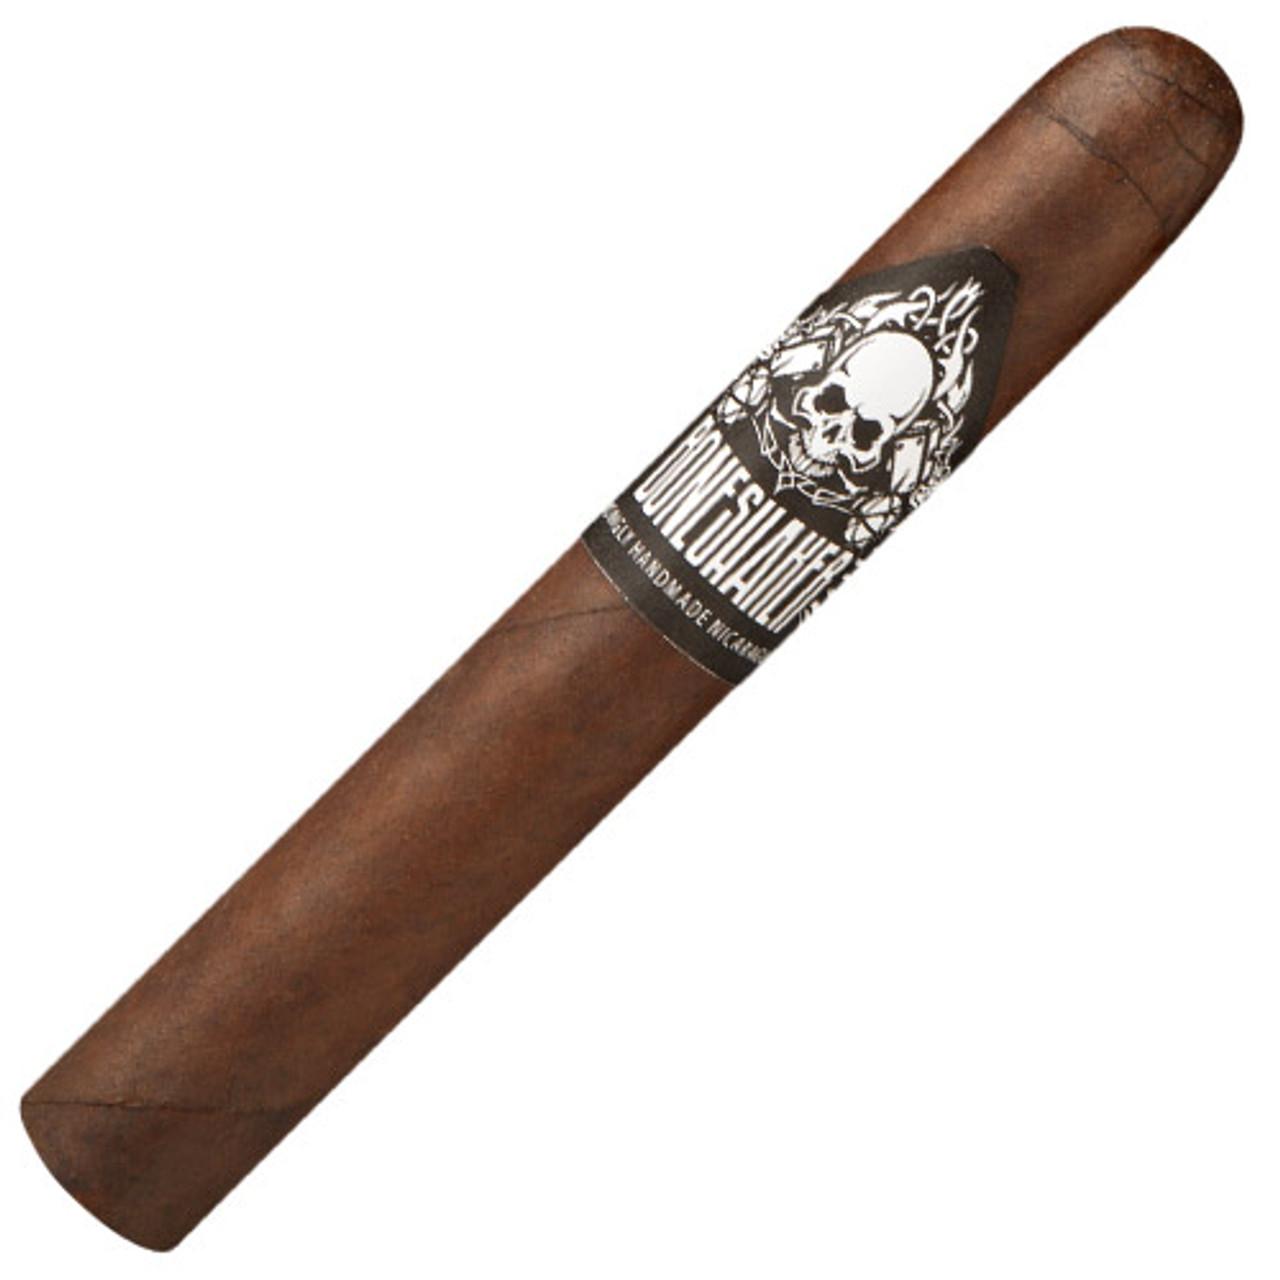 Boneshaker Maul Cigars - 6 x 54 (Box of 20)